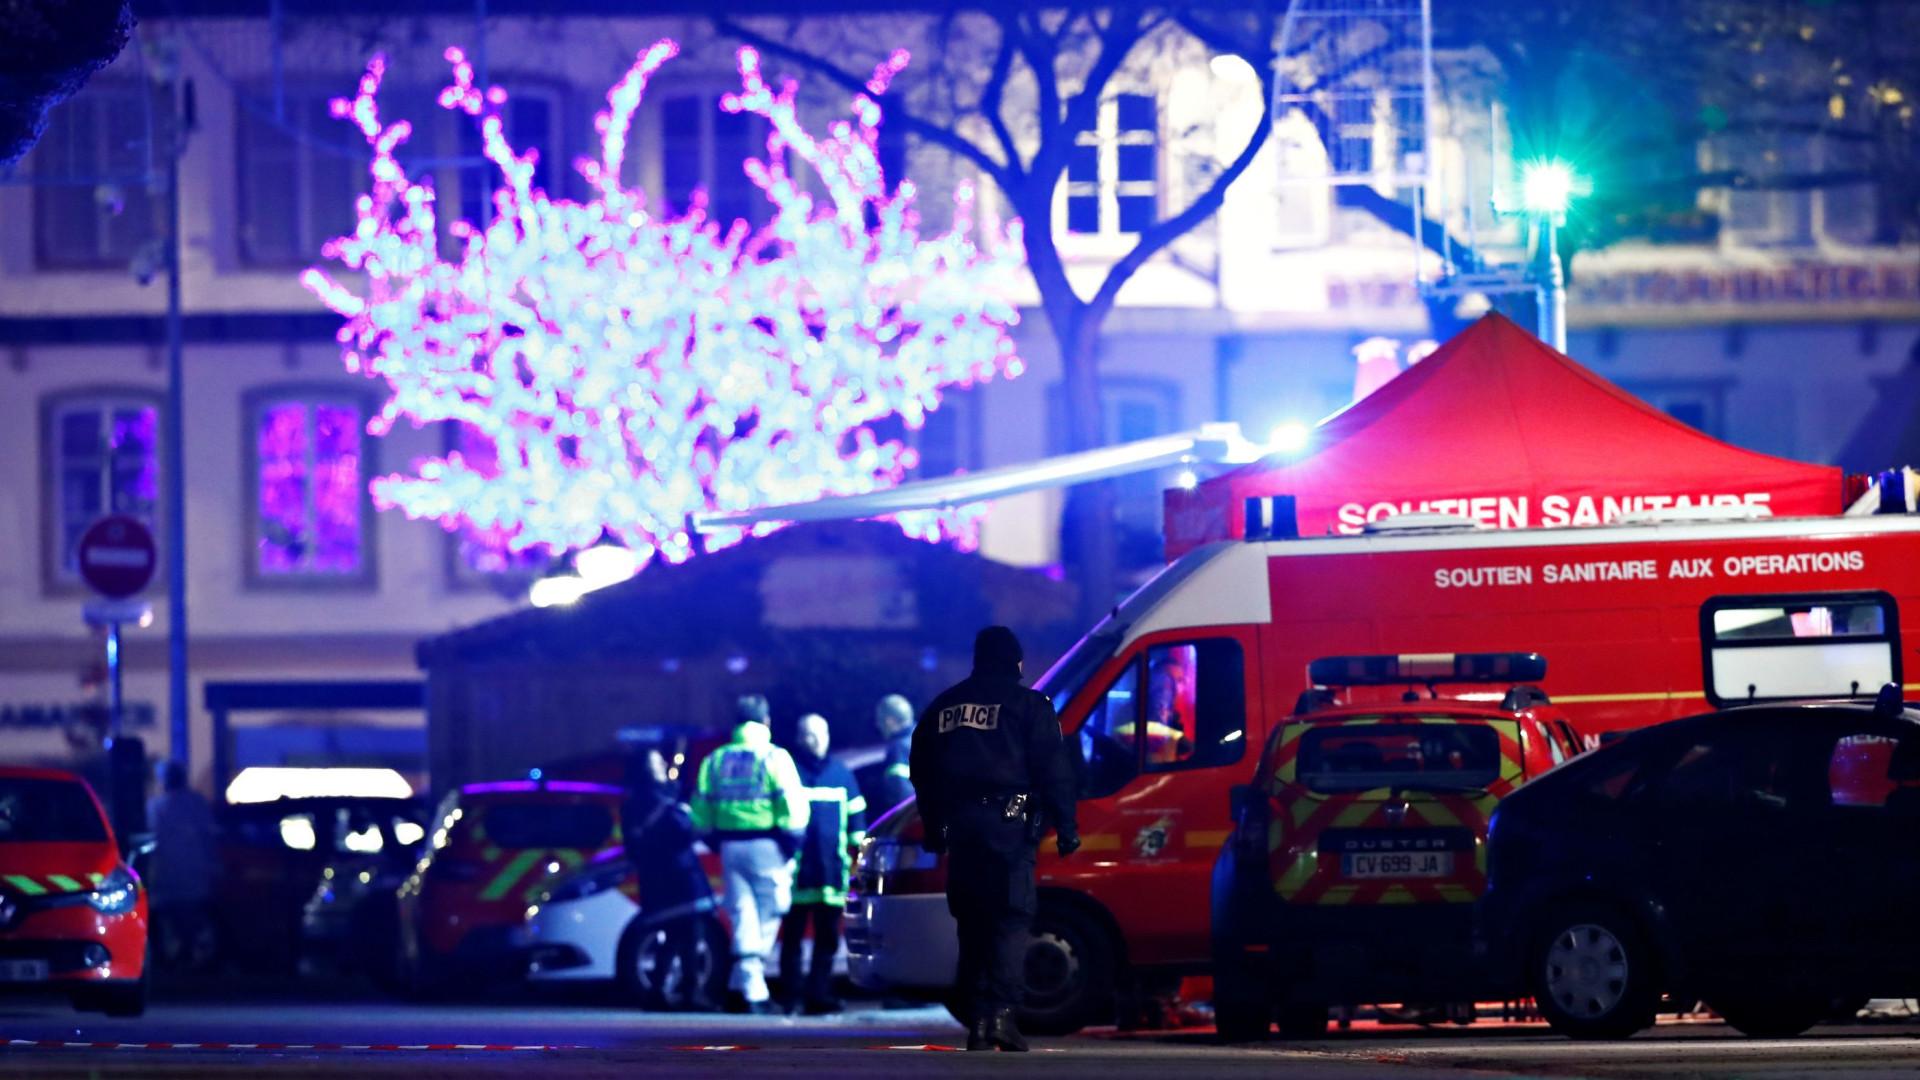 Morre a quinta vítima do atentado a tiros em Estrasburgo